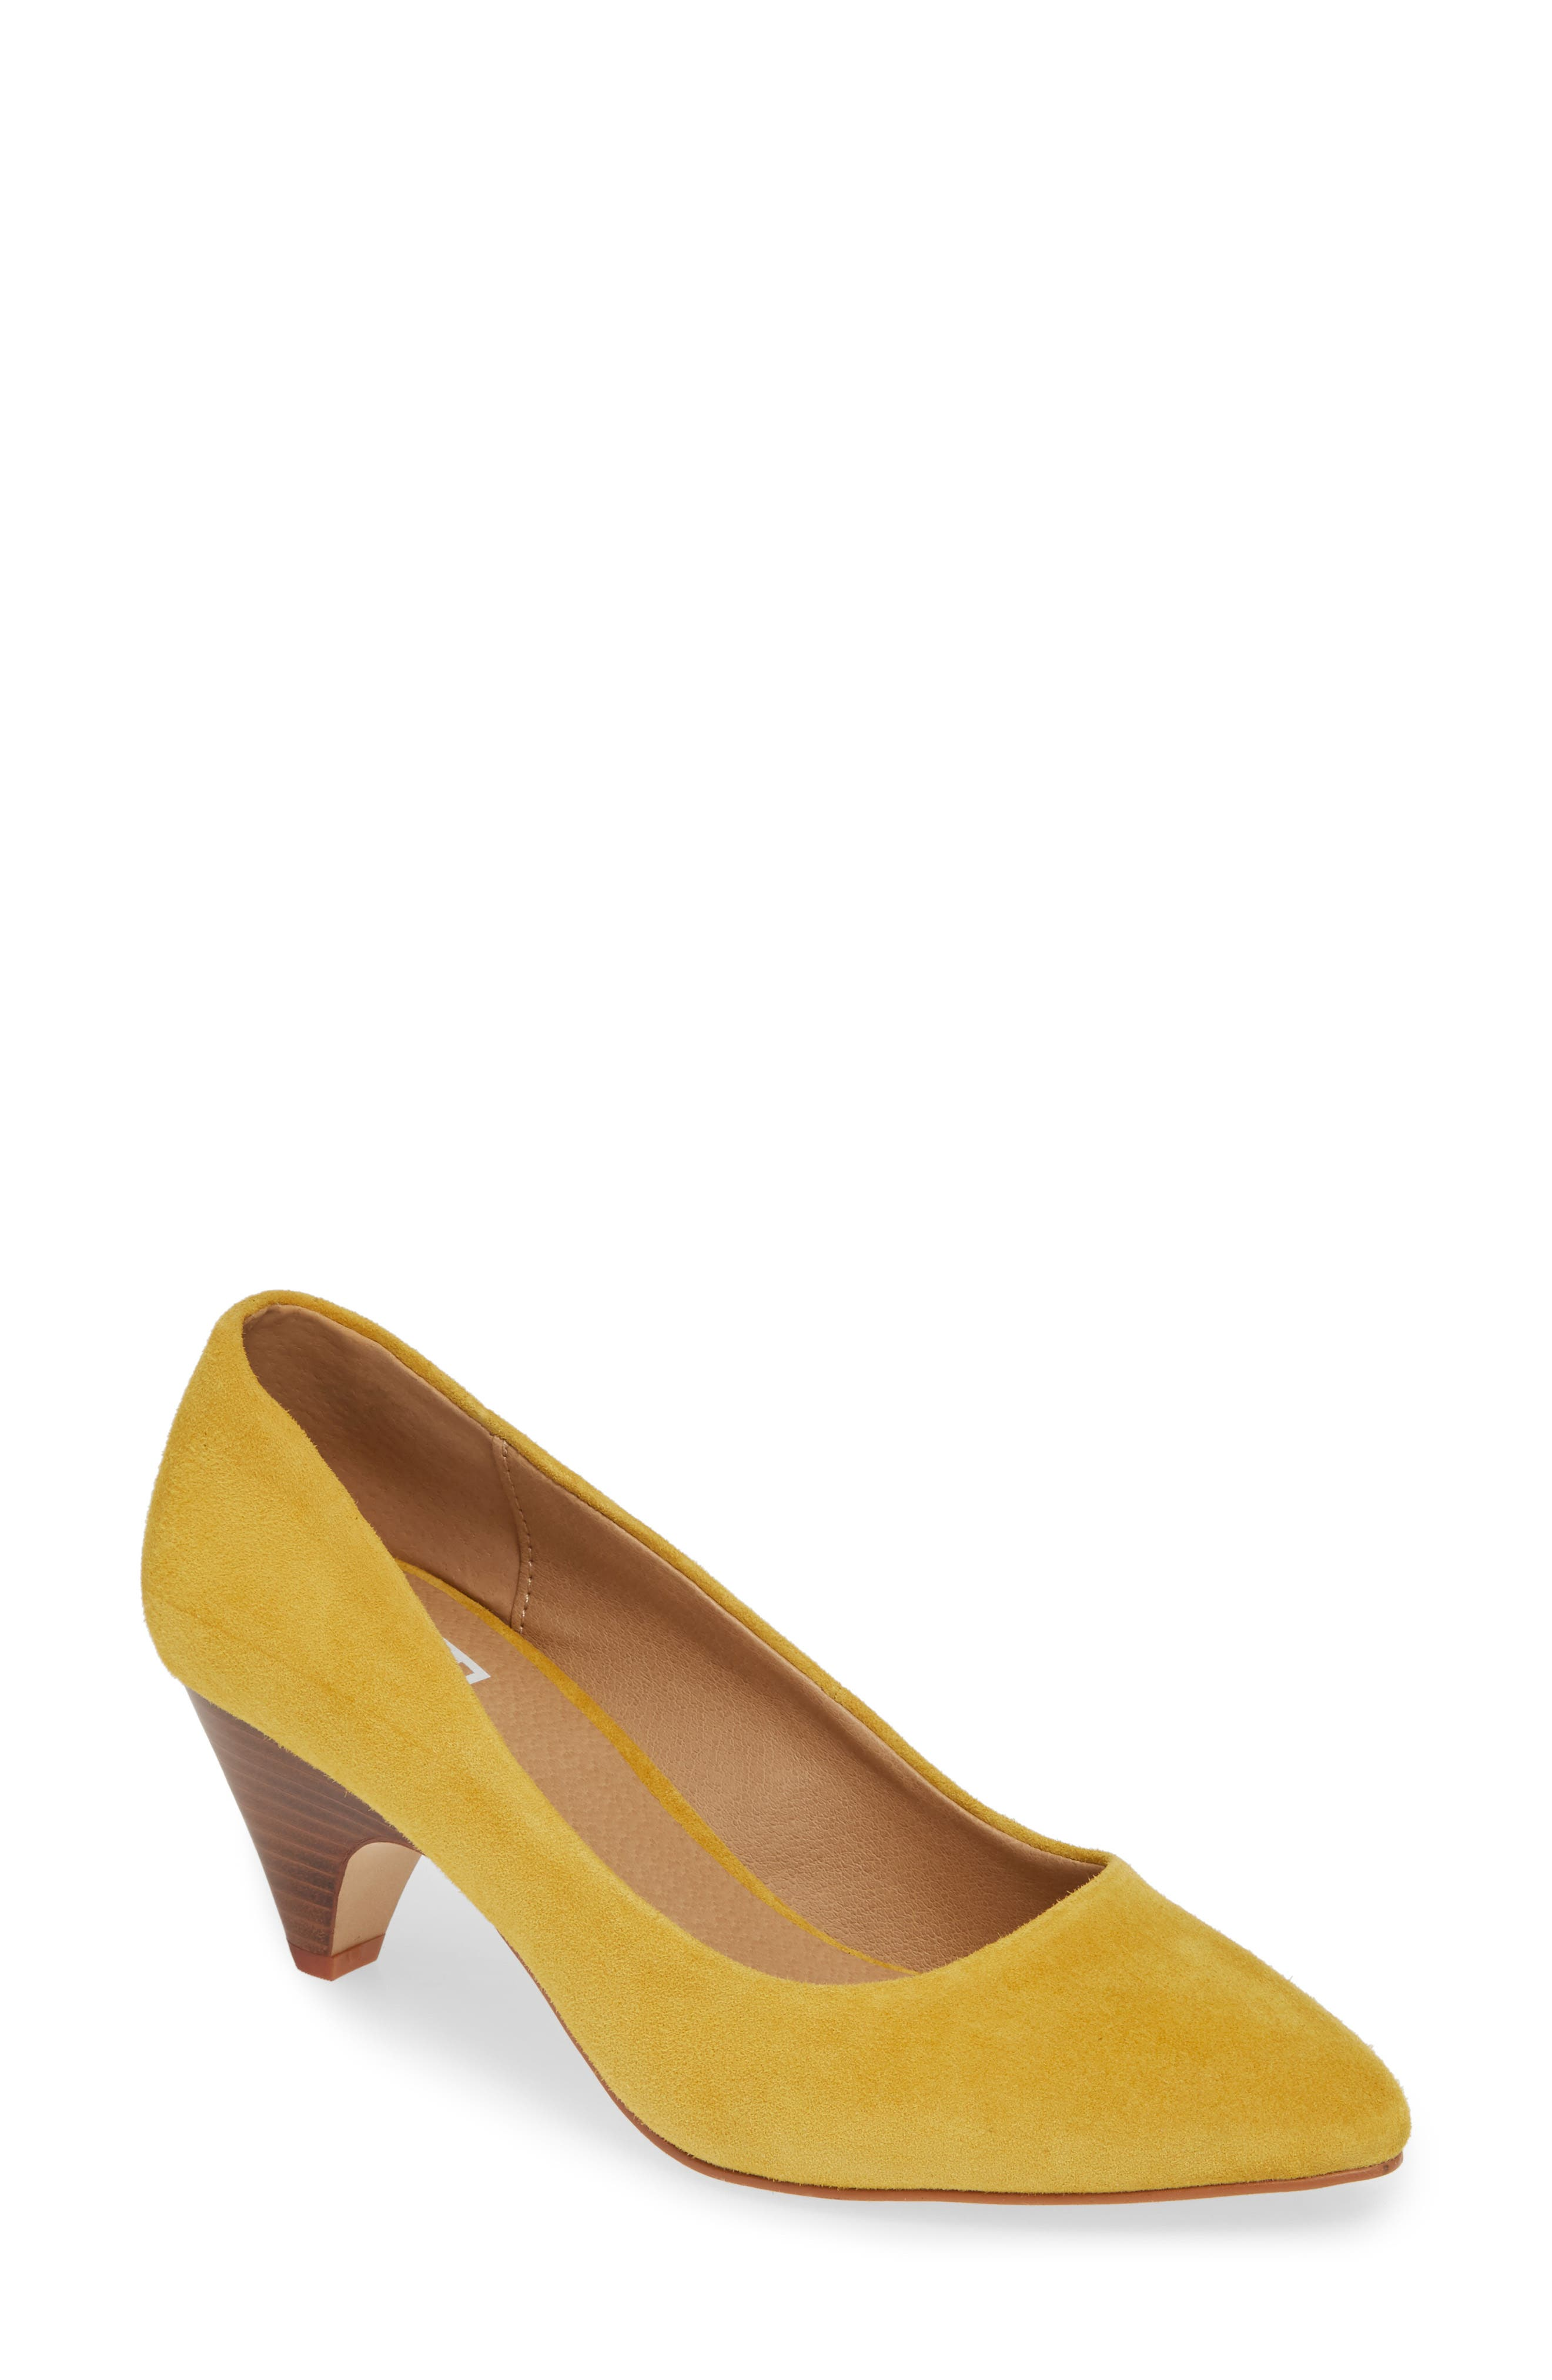 M4D3 Halle Statement Heel Pump, Yellow